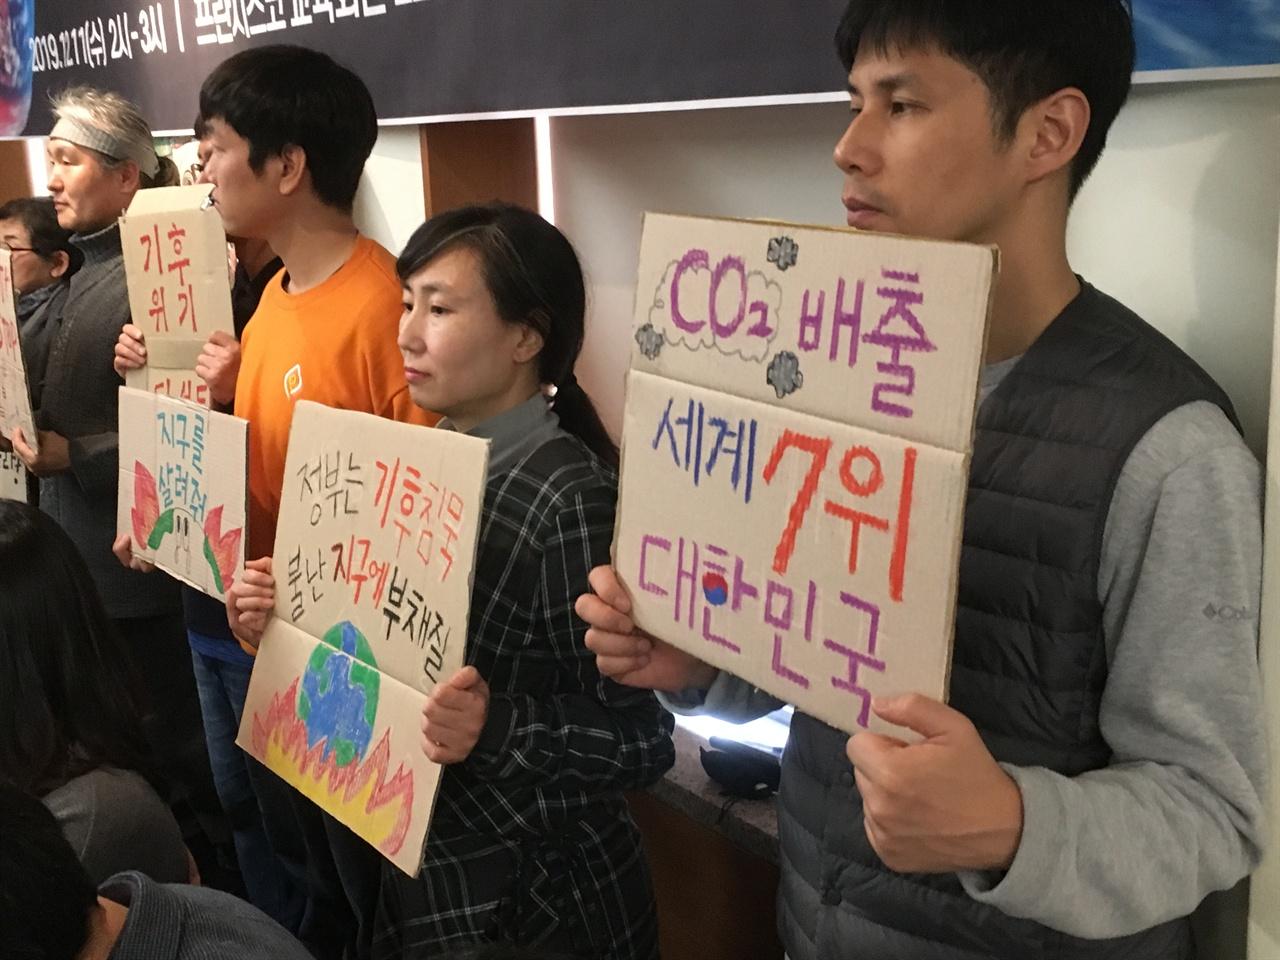 기후위기 비상행동에 참석한 환경단체 회원이 세계 탄소배출량 7위를 기록한 정부를 비판하는 피켓을 들고 있다.